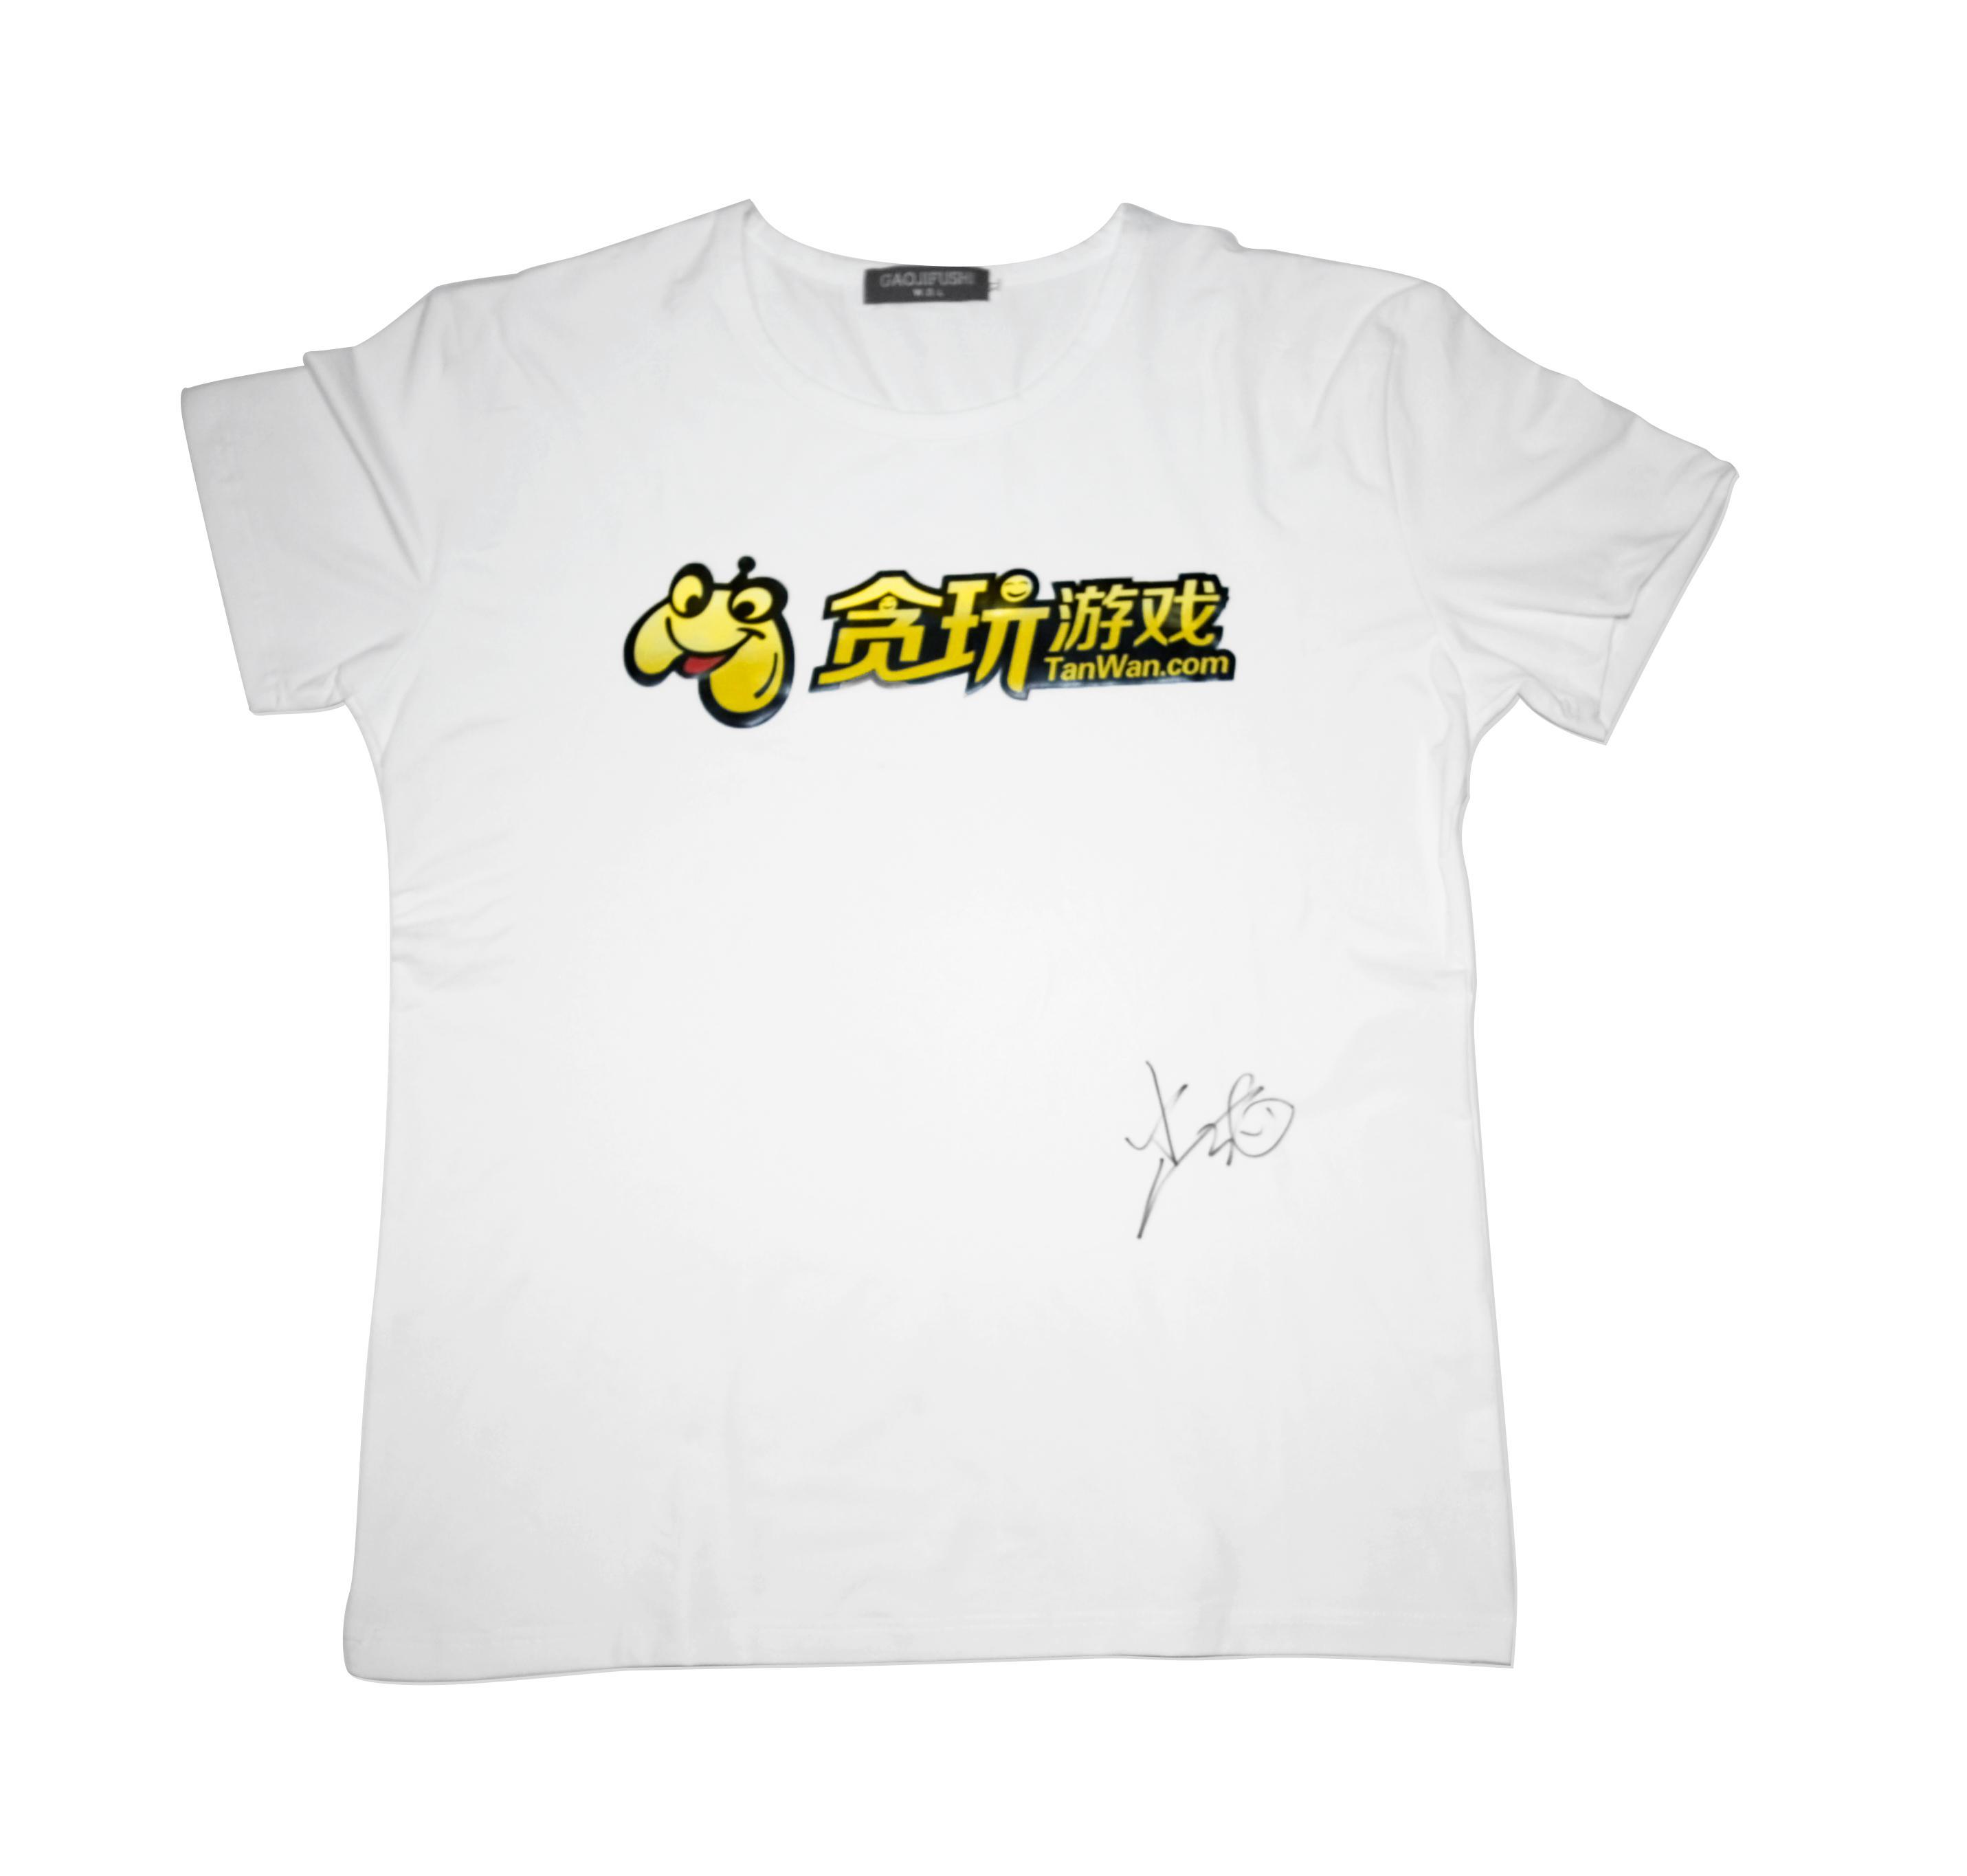 陈小春亲笔签名t恤